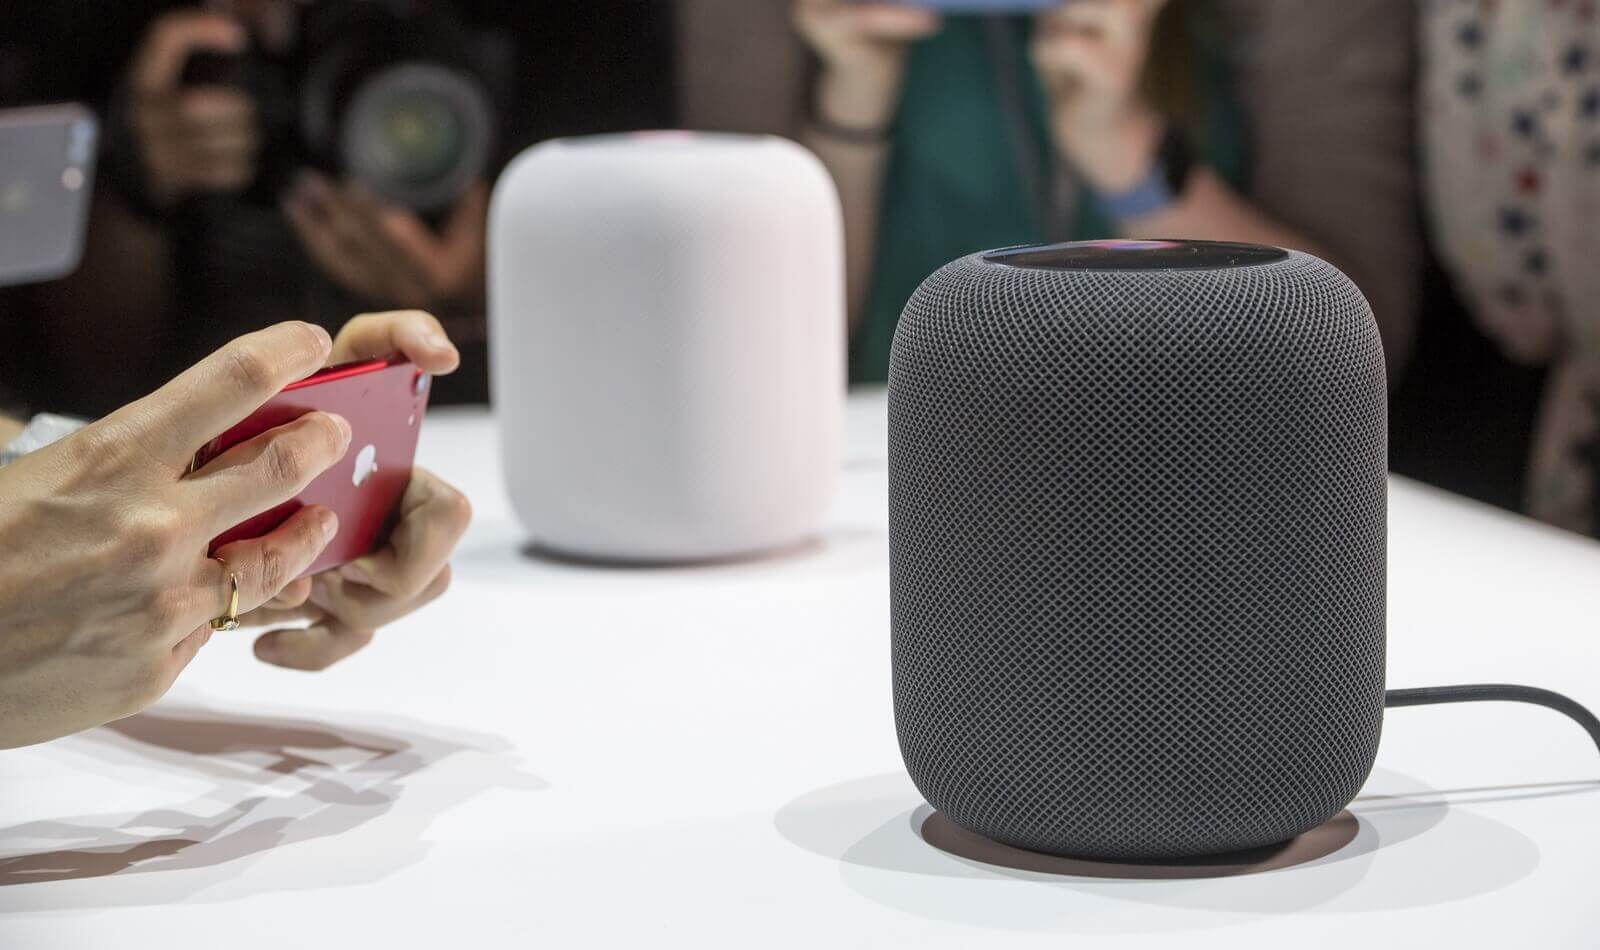 Apple выпустила обновление прошивки HomePod. Что нового?